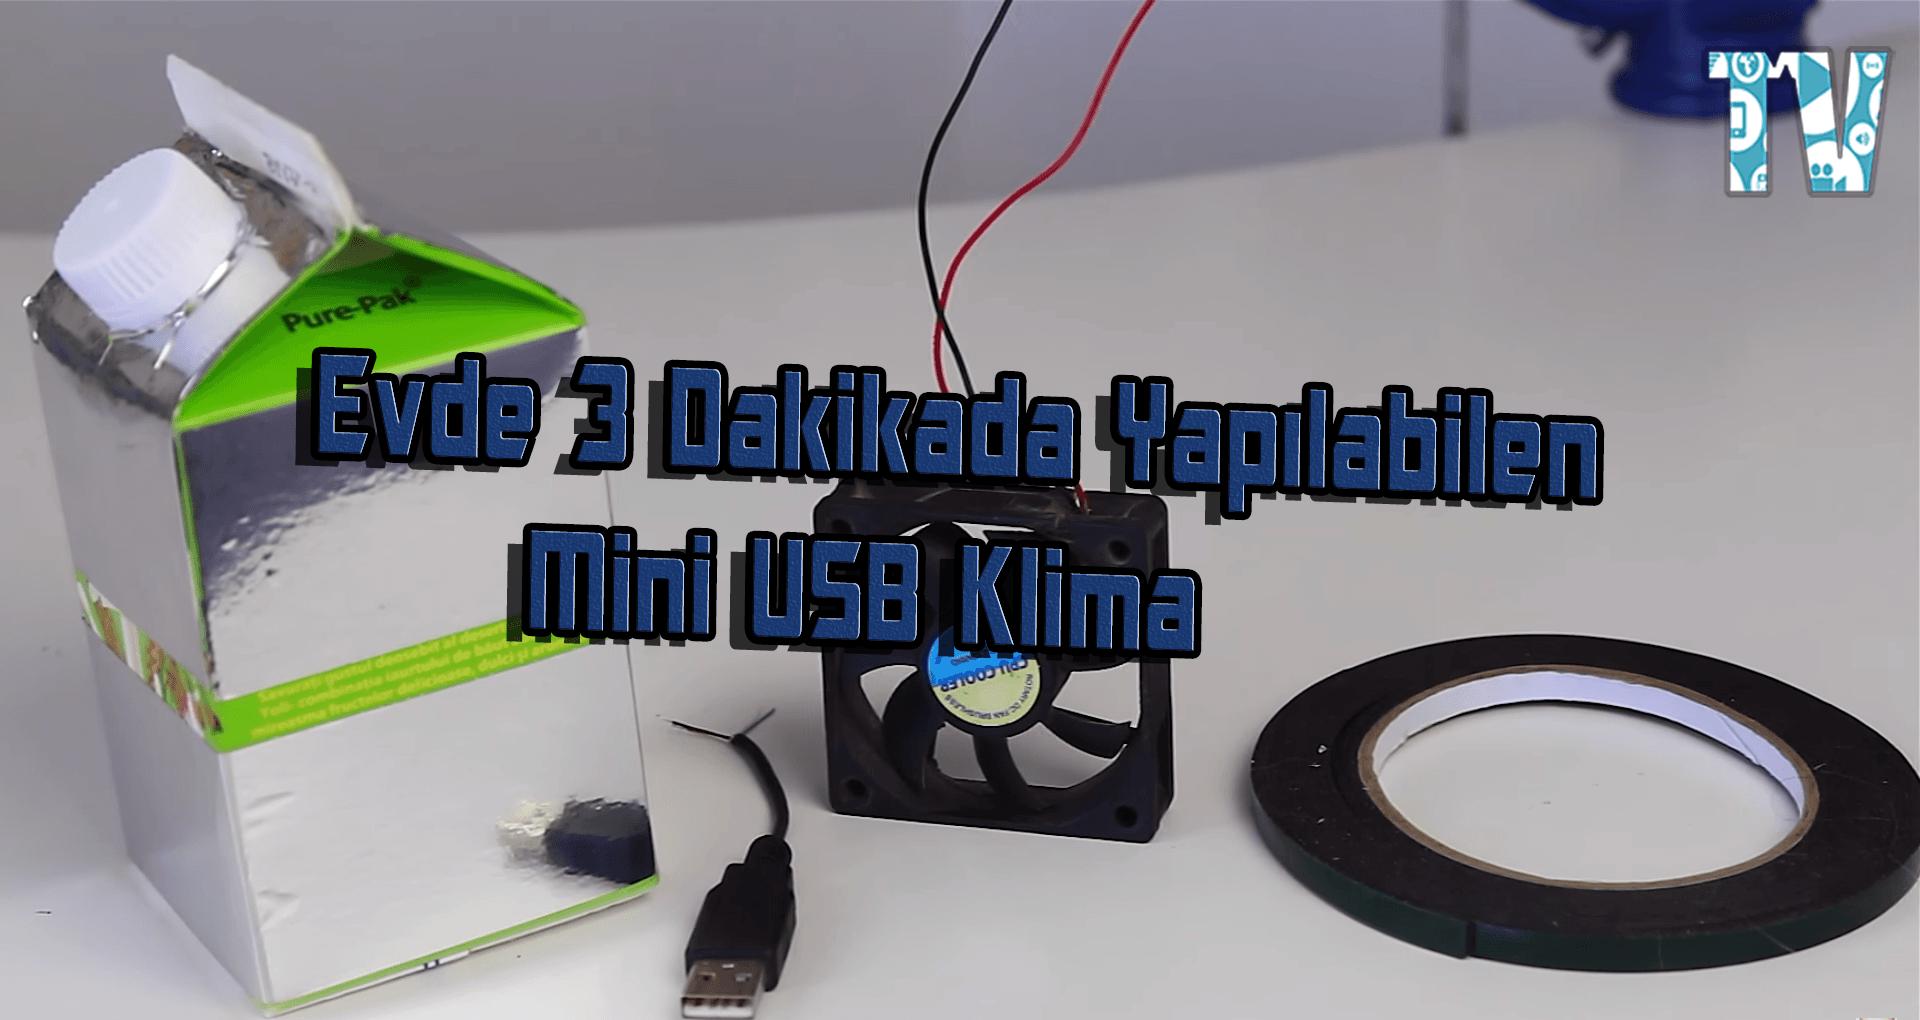 Evde 3 Dakikada Yapılabilen Mini USB Klima - TechnoVadi